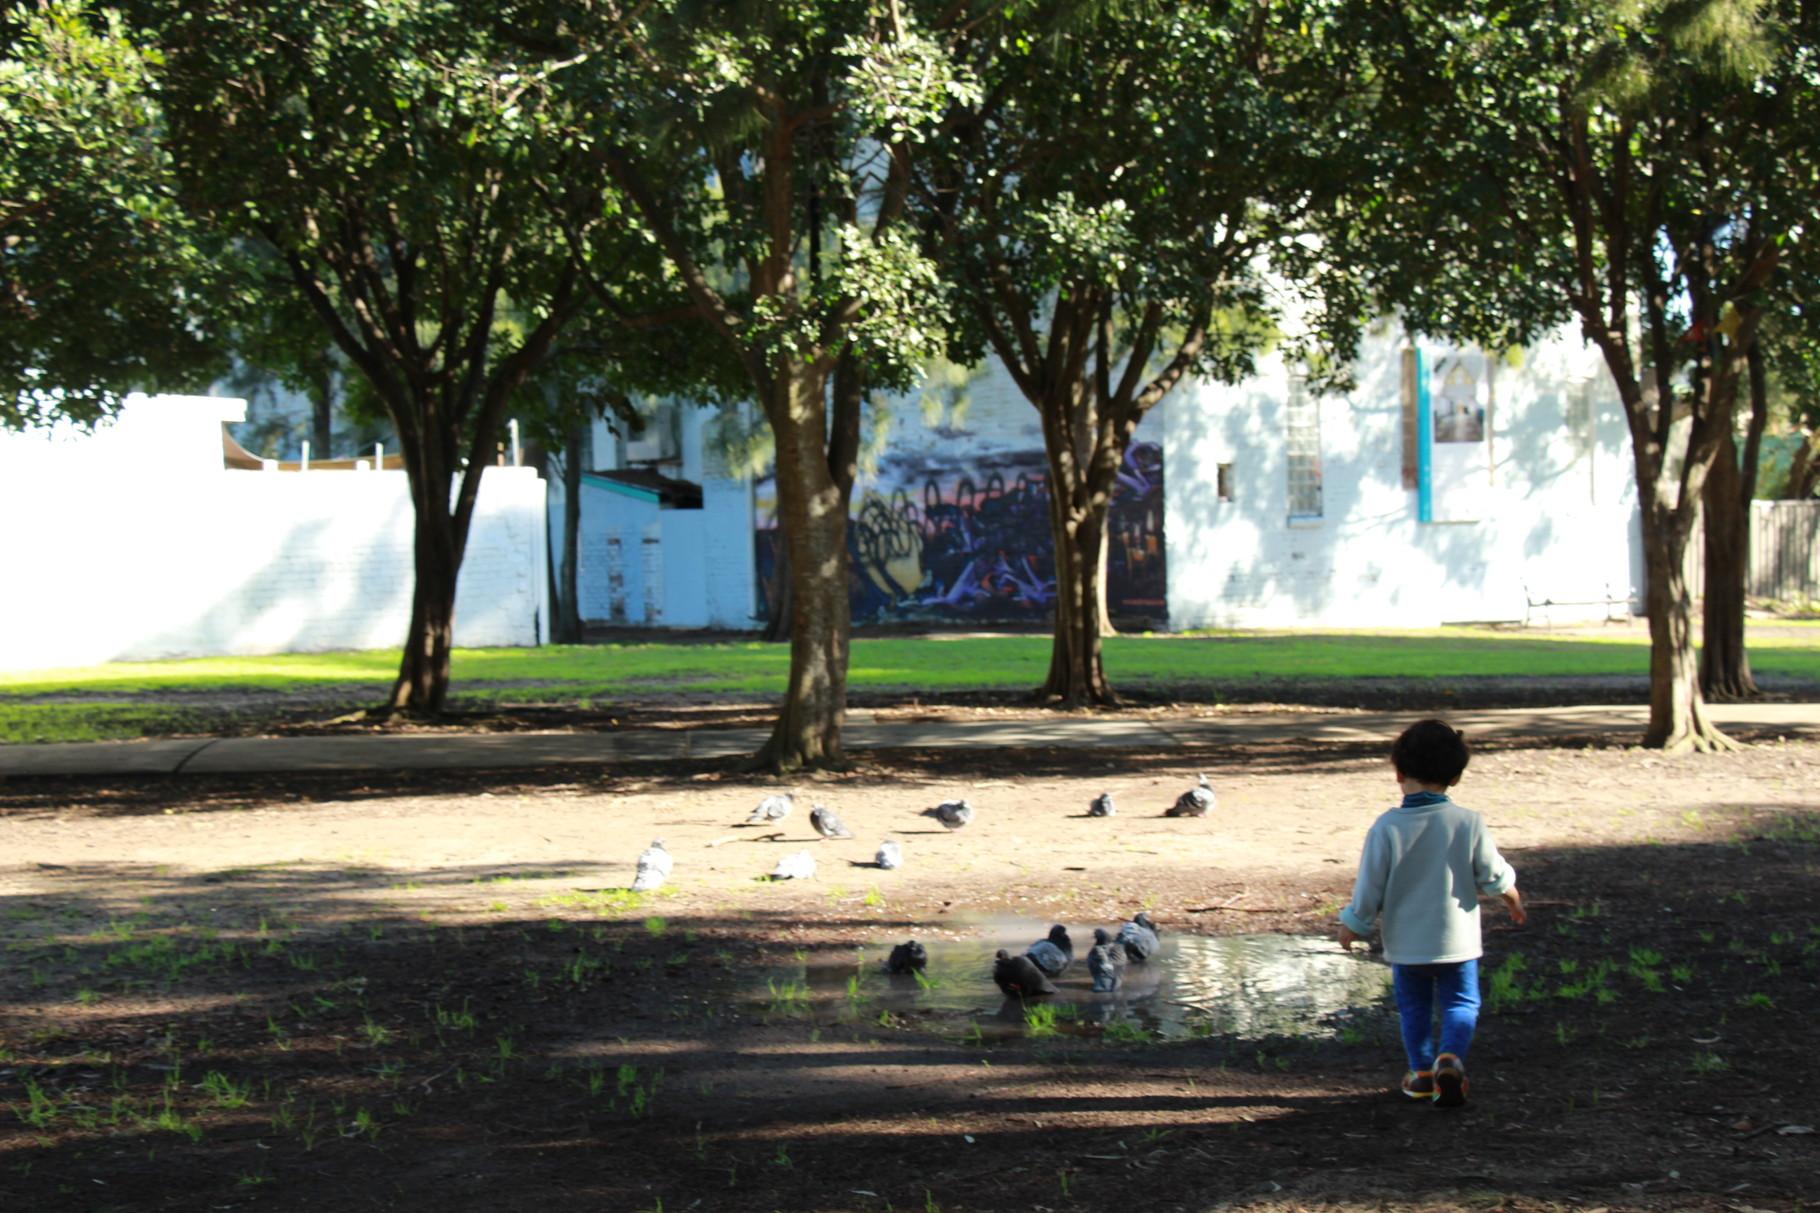 シドニー 大きな公園で自然と触れ合う Coming Soon!